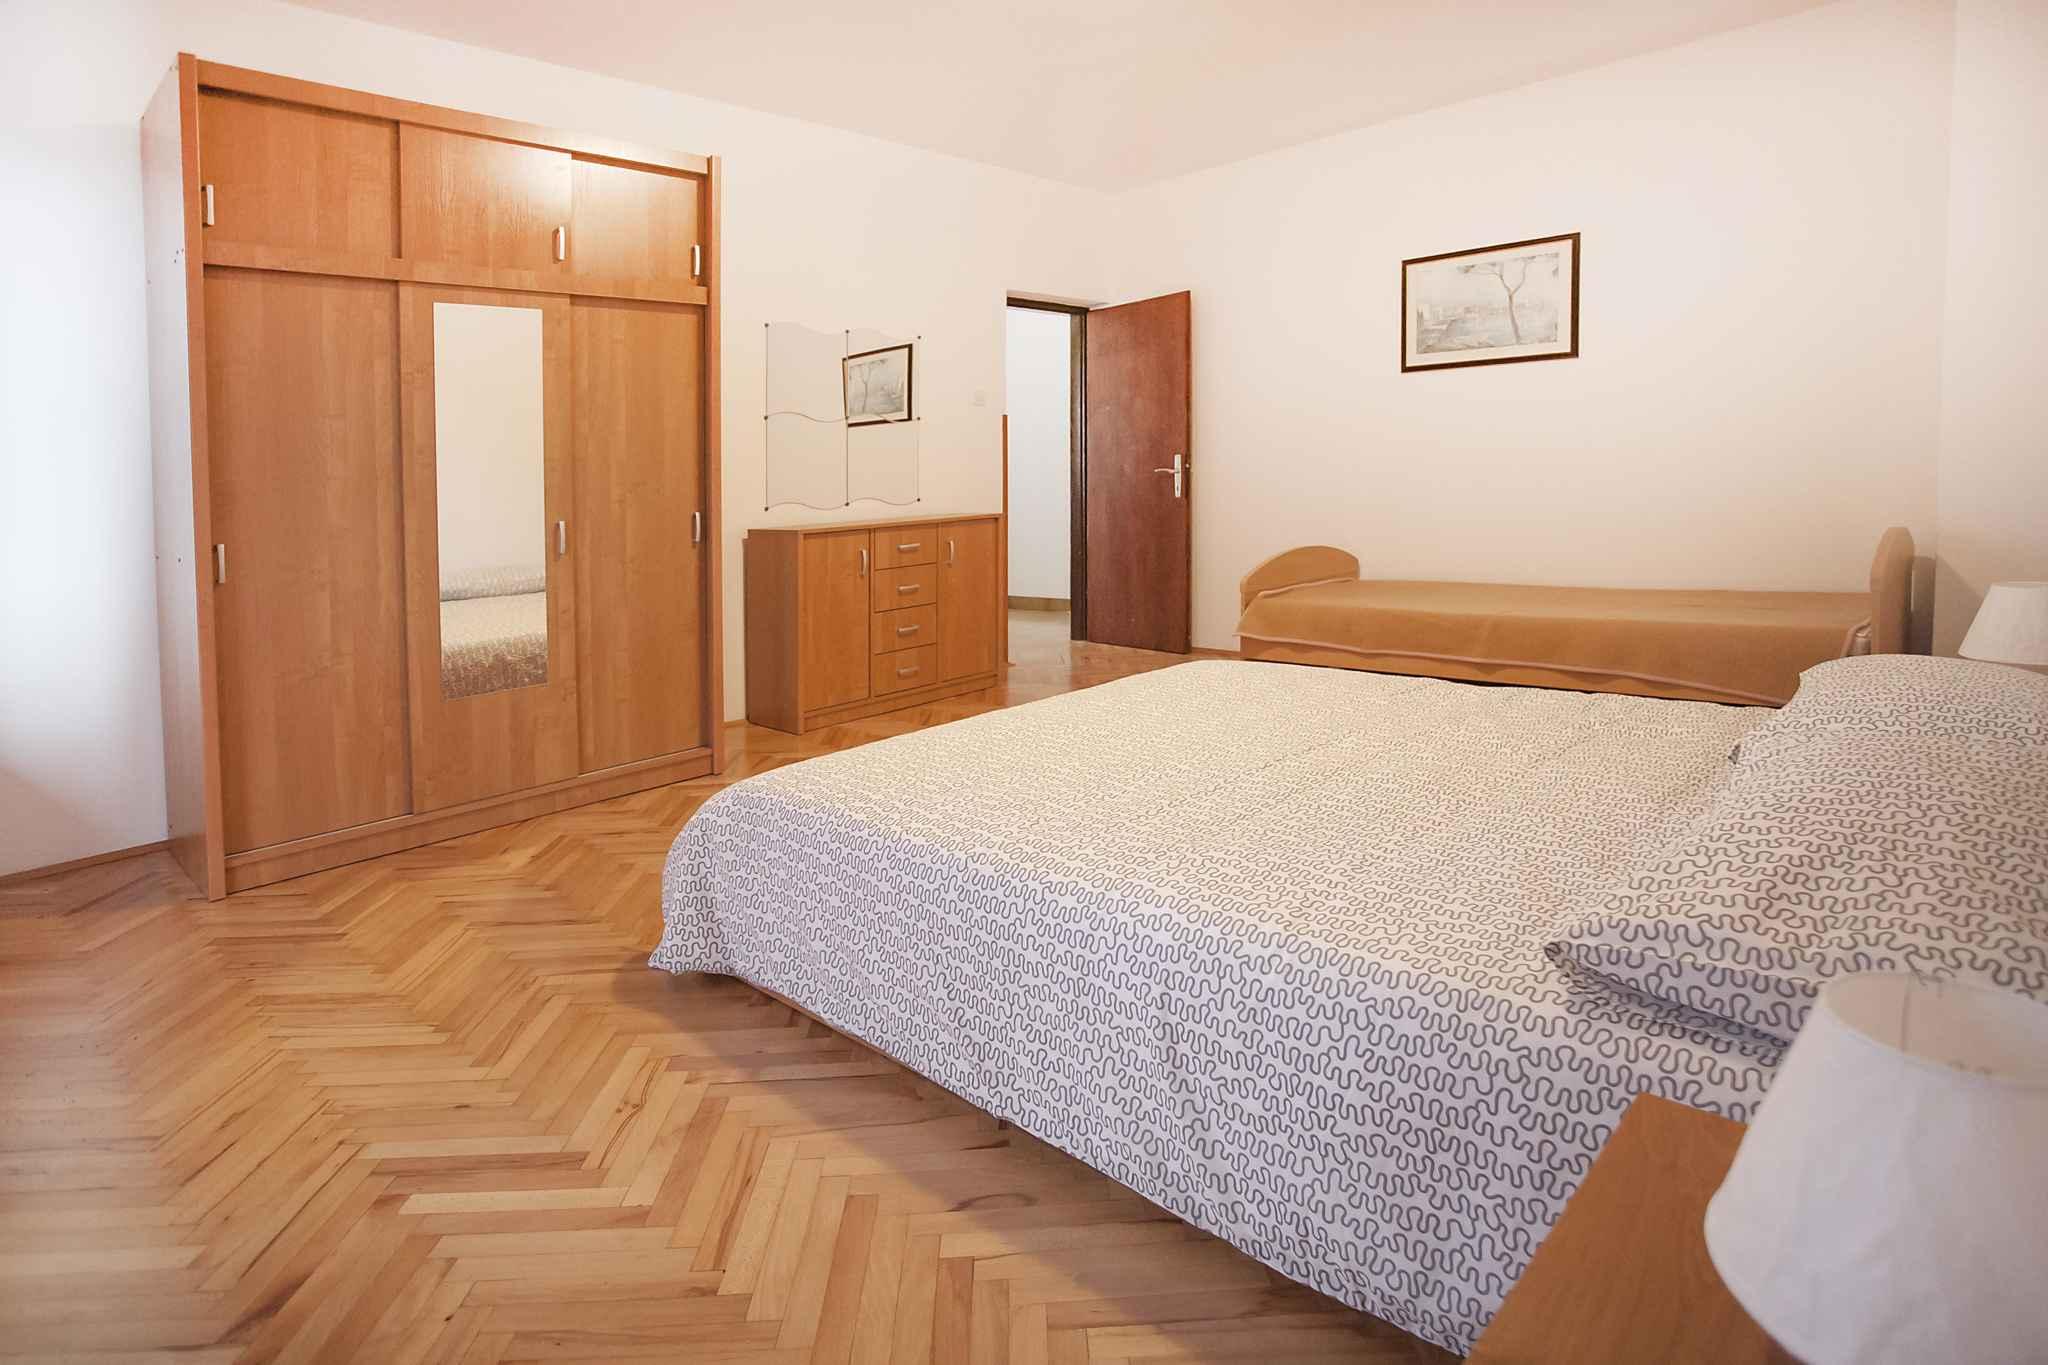 Ferienwohnung mit SAT-TV und Kaffeemaschine (281000), Rovinj, , Istrien, Kroatien, Bild 15